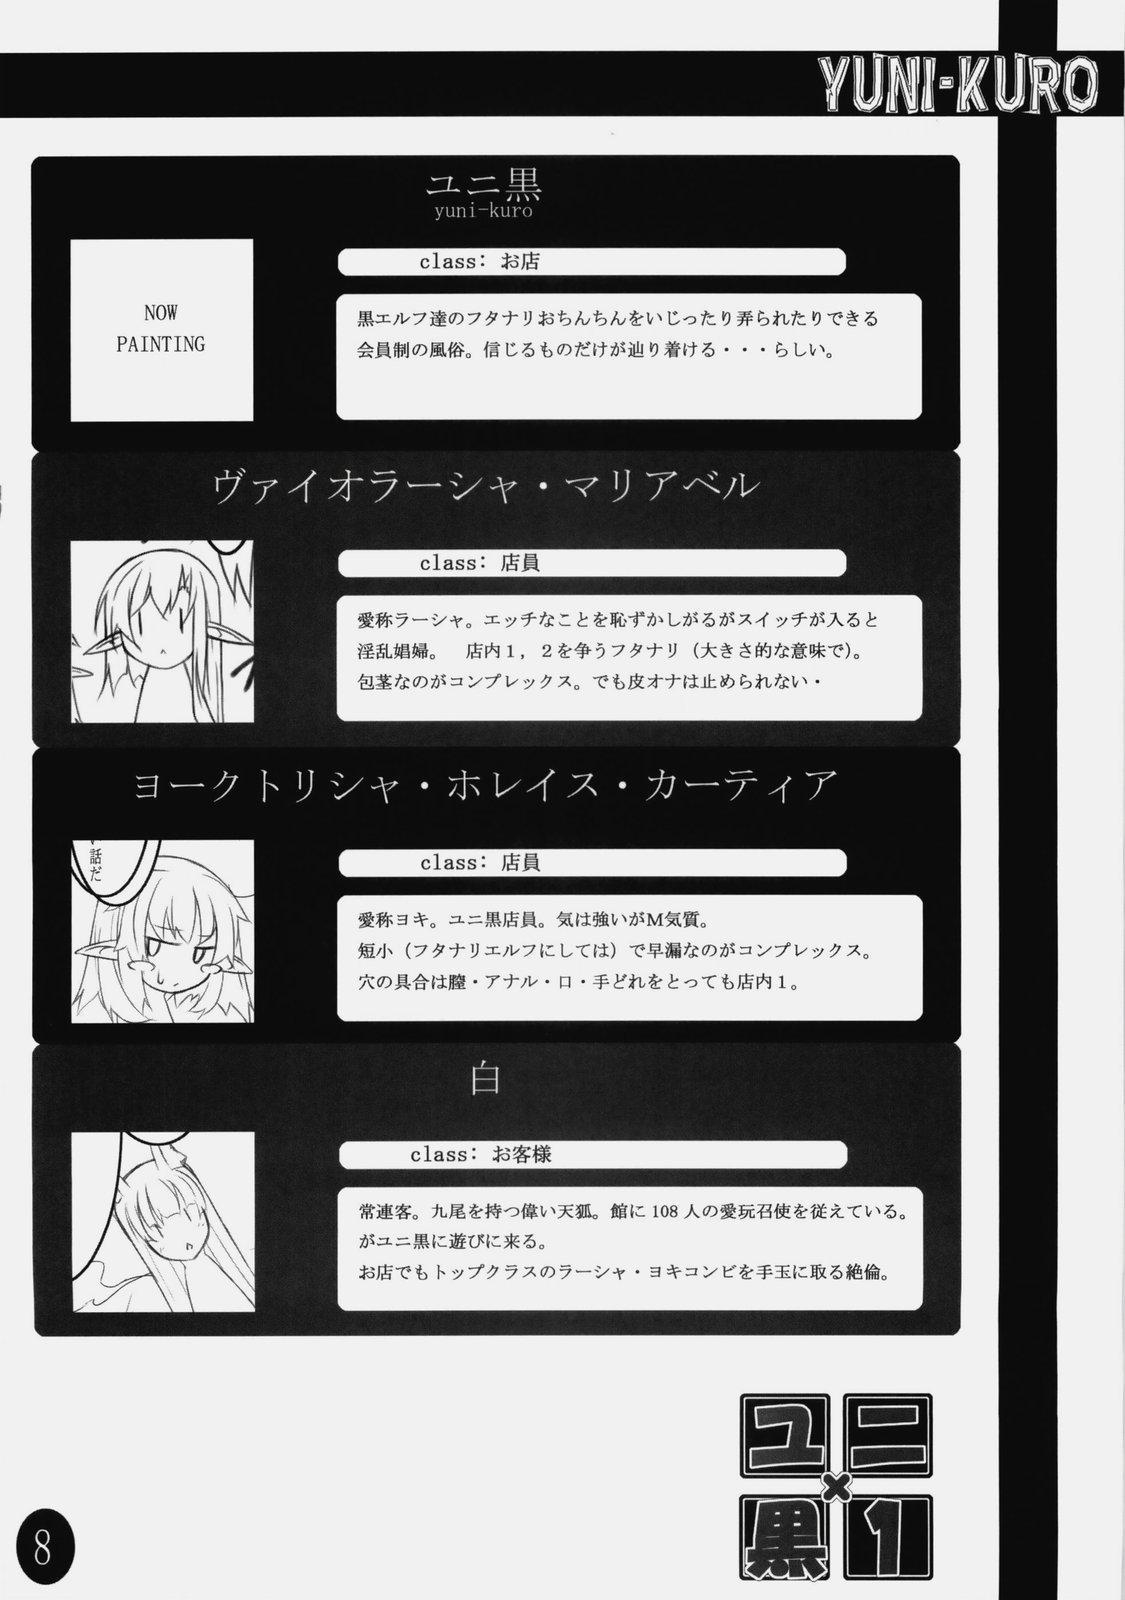 Yuni-Kuro 1 8